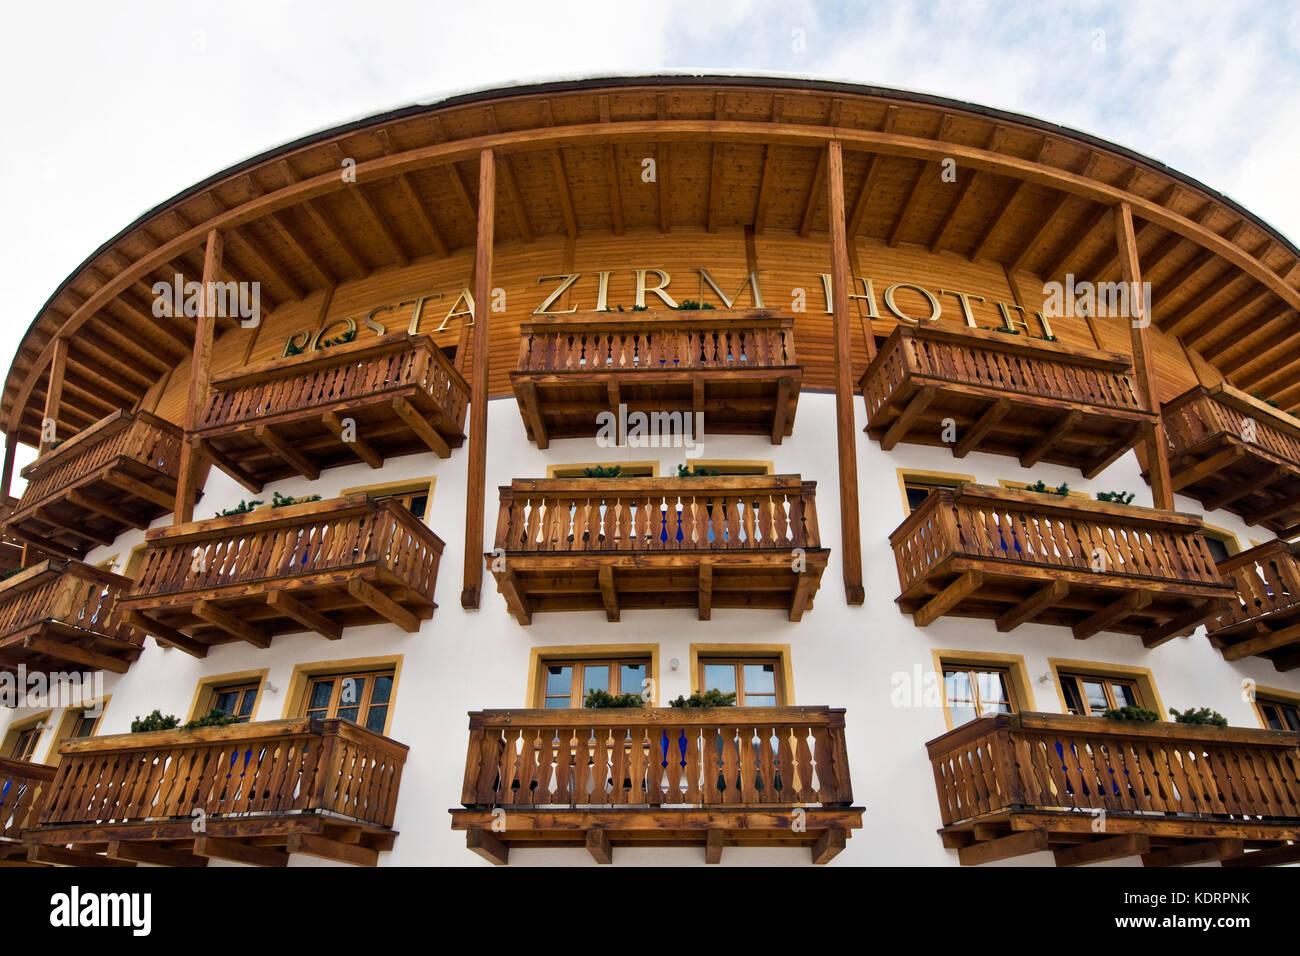 Posta Zirm Hotel, Corvara in Badia (Bolzano, Italy) - Stock Image